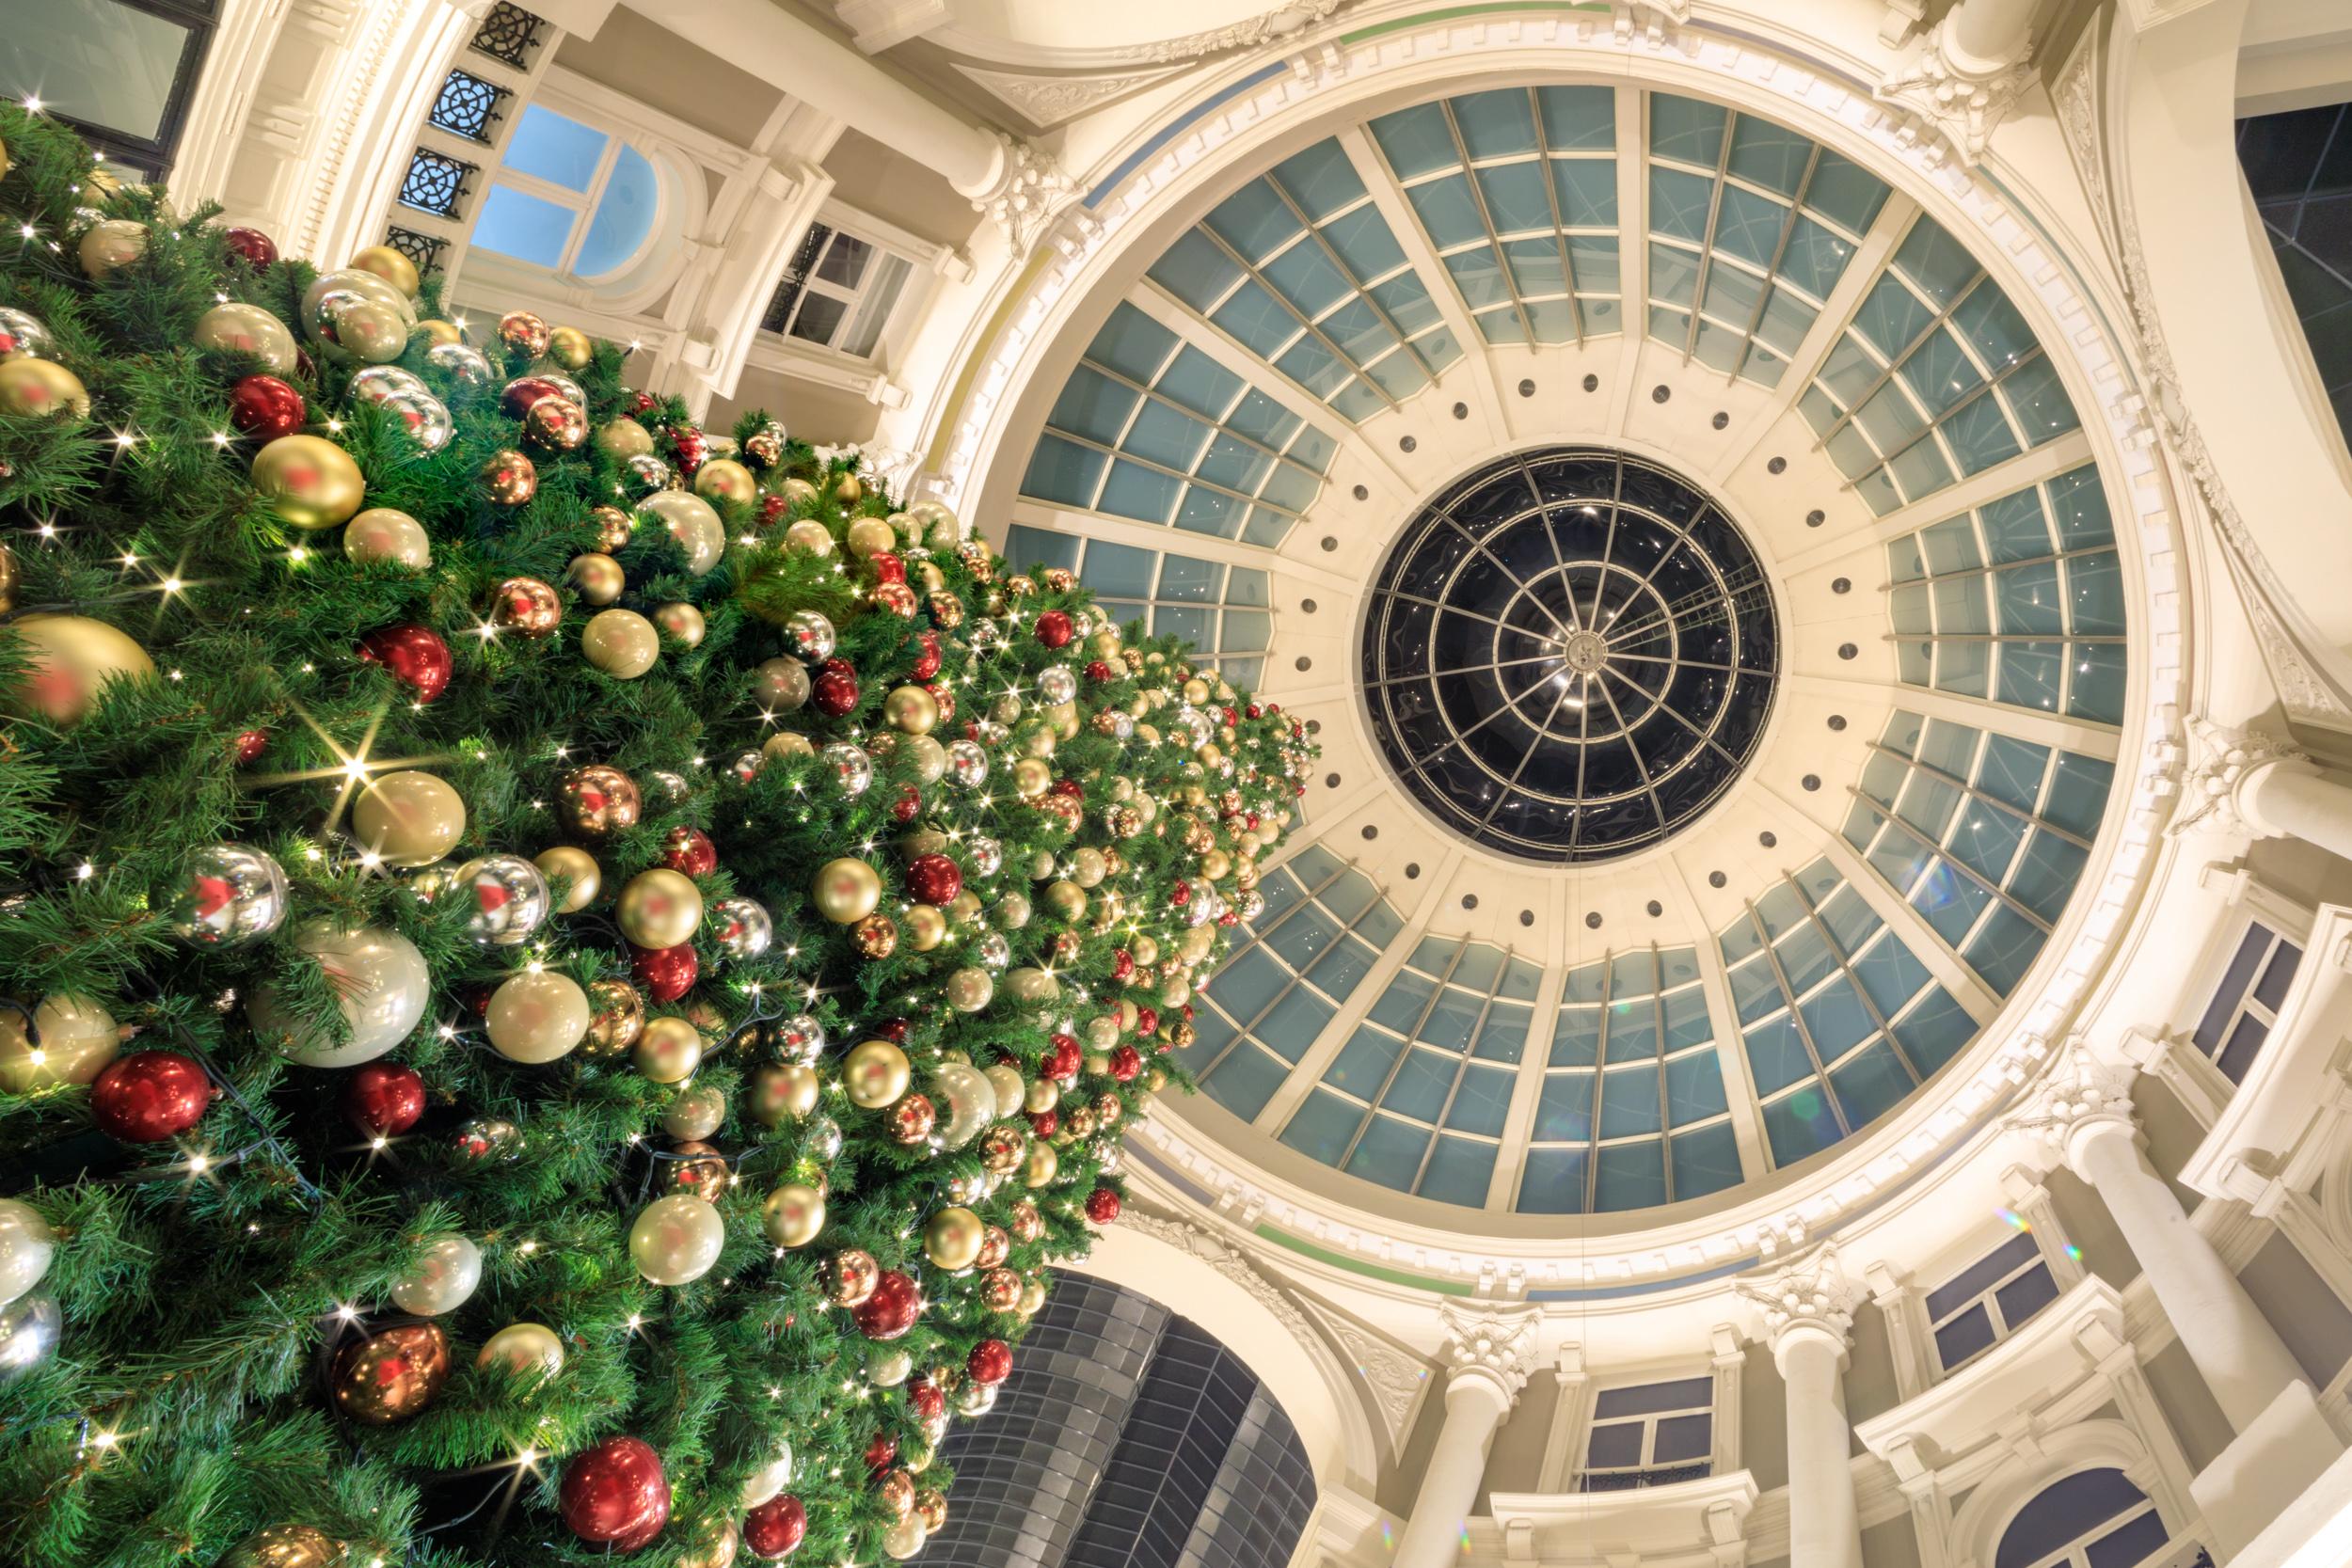 Kerstboom Passage Den Haag